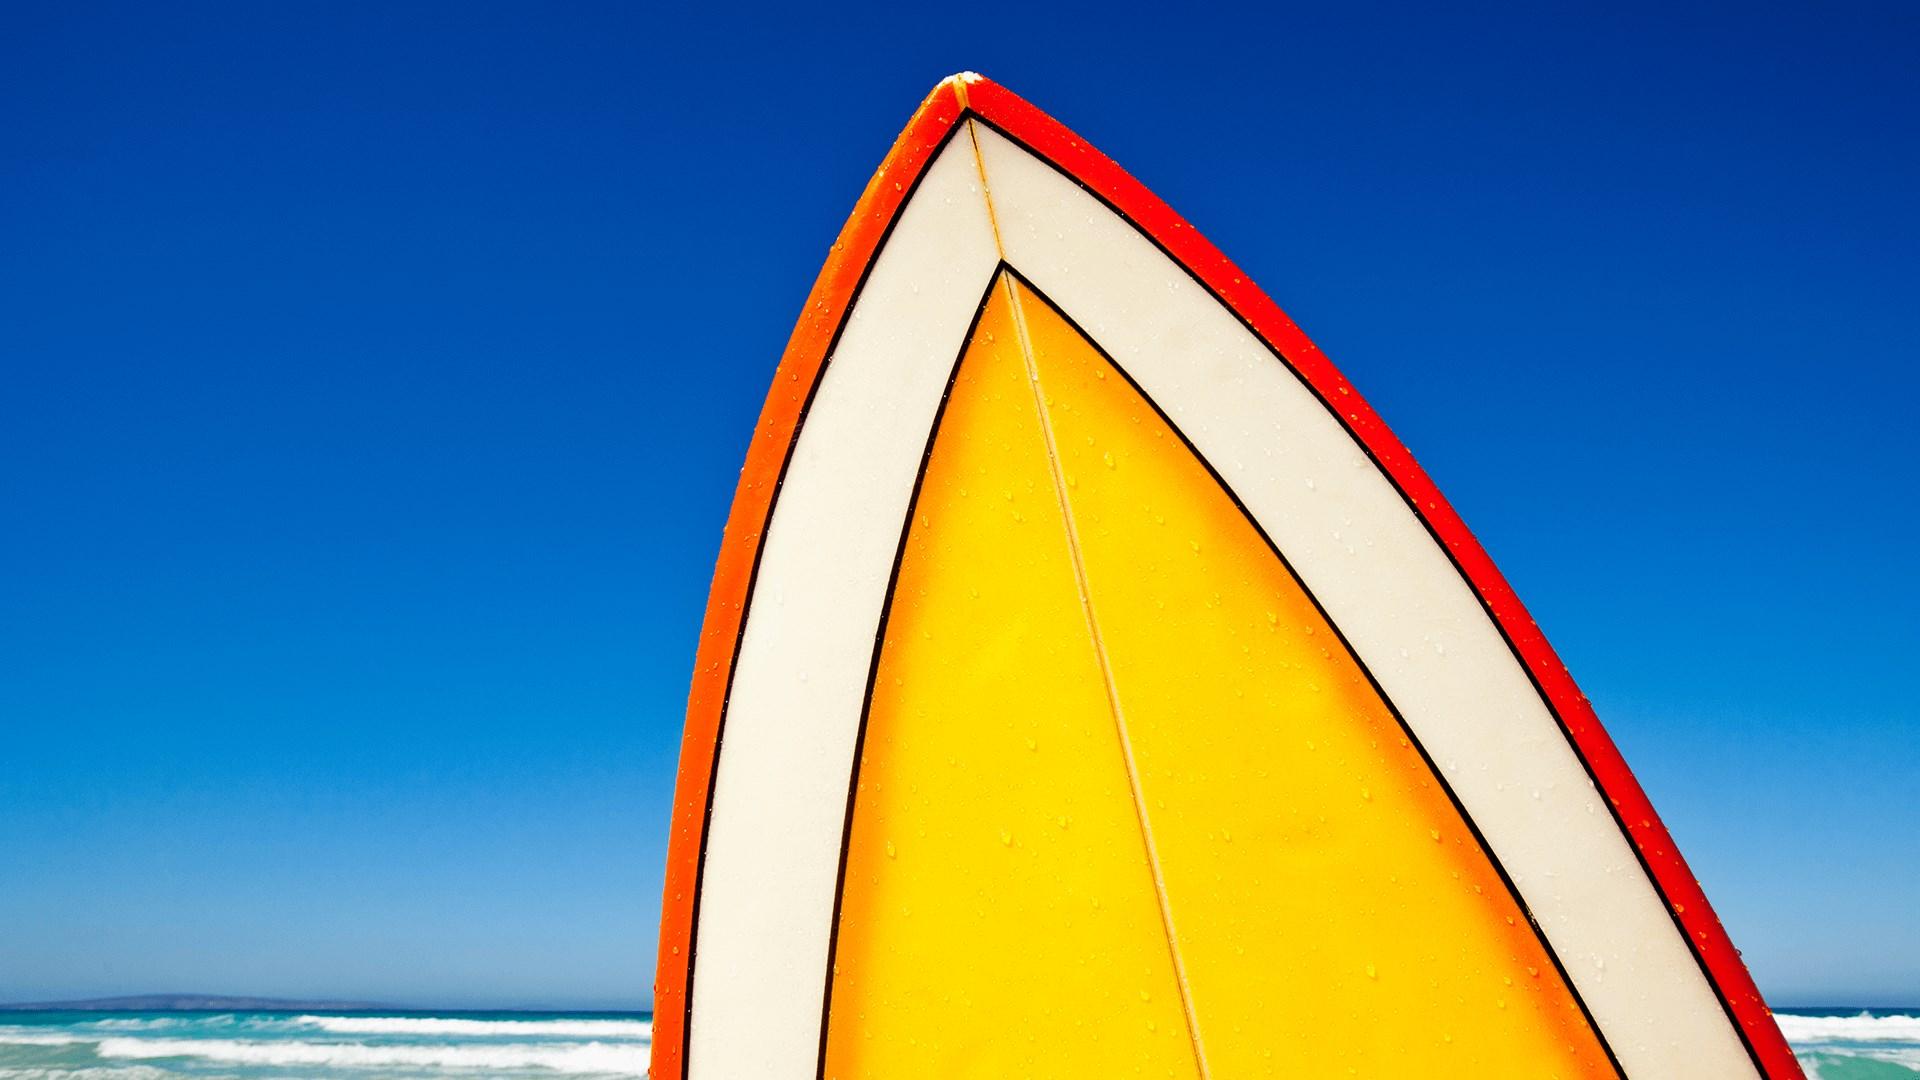 Surfboards PREMIUM